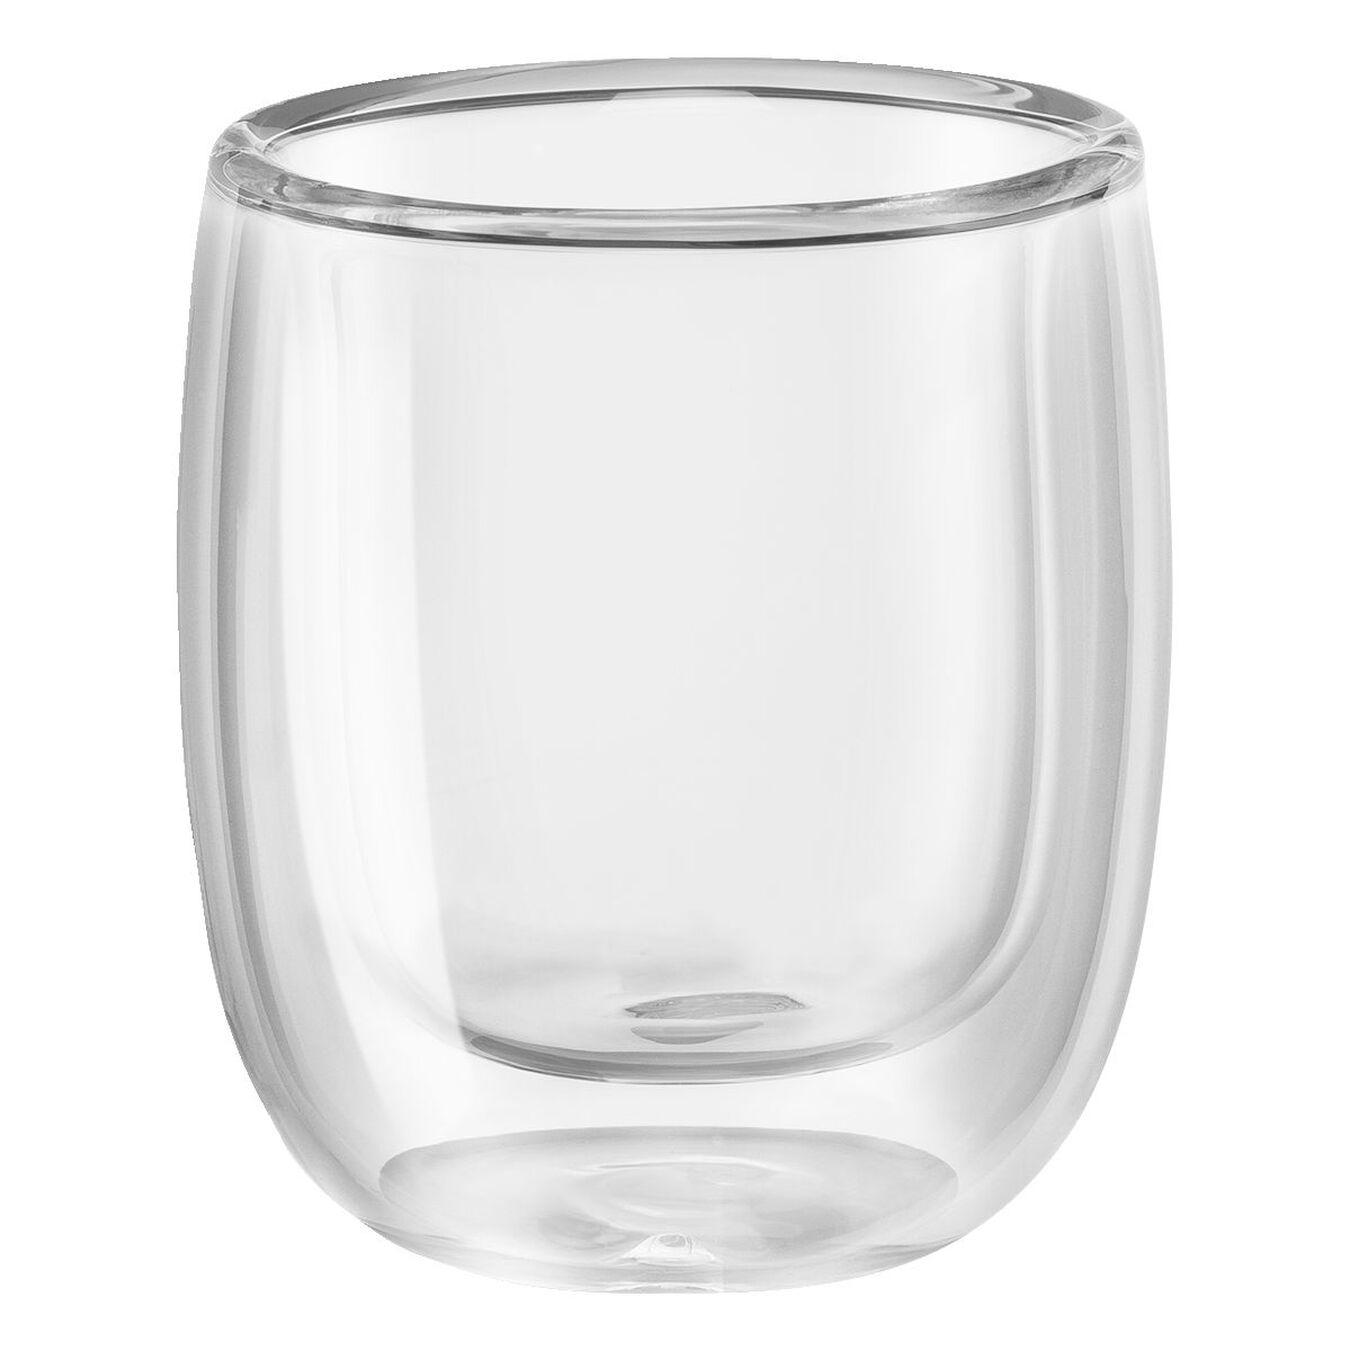 2-pcs Service de verres à expresso,,large 3